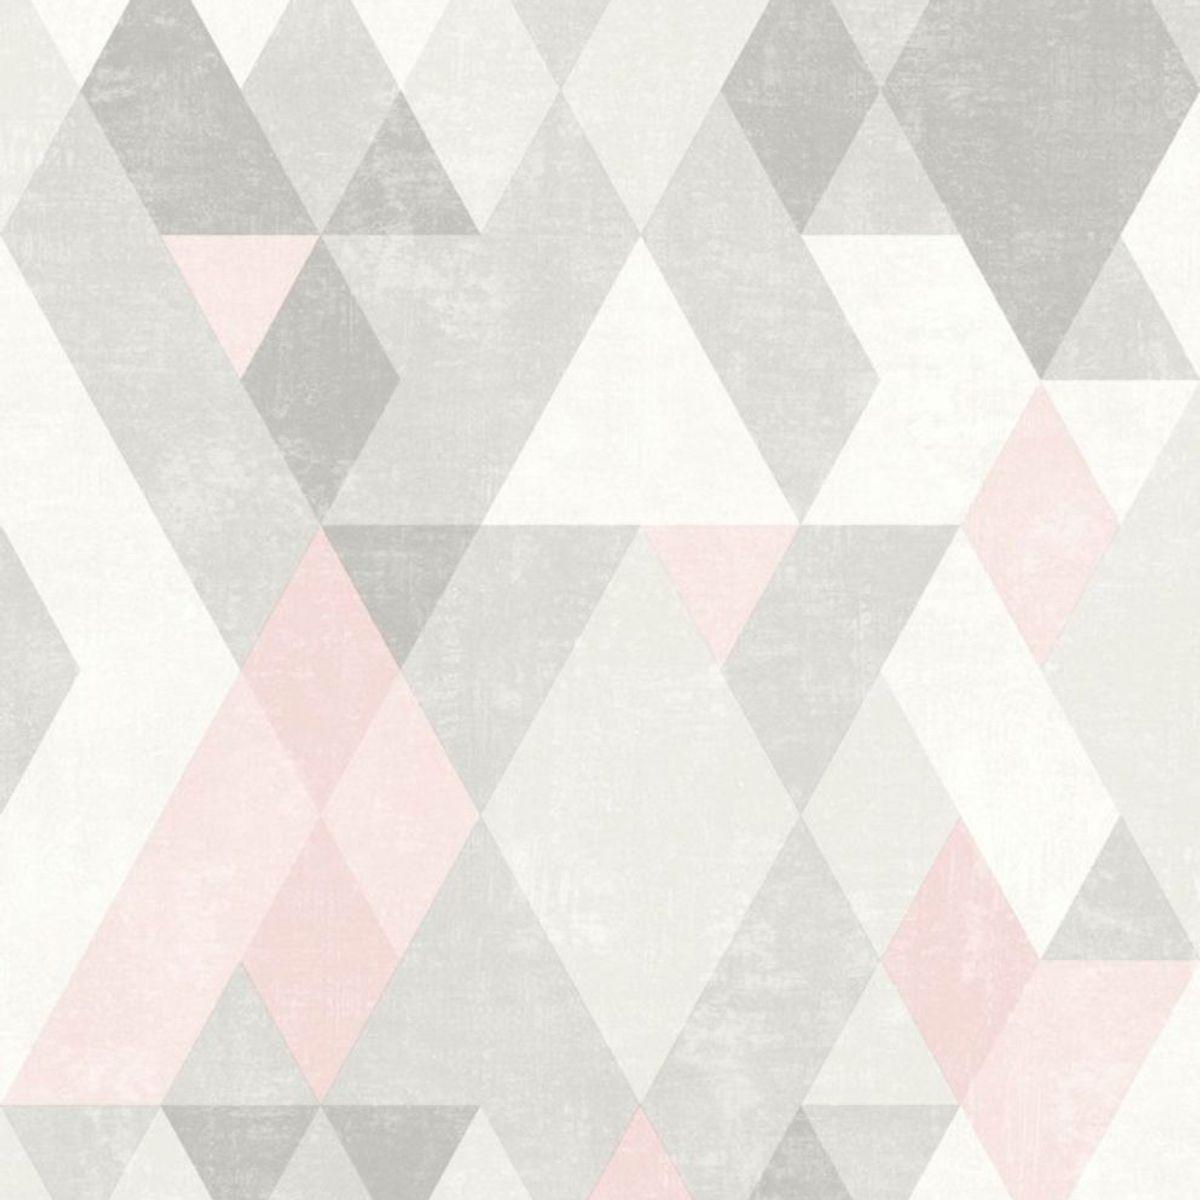 Papier peint vinyl intissé scandinave rose dragée Tothill